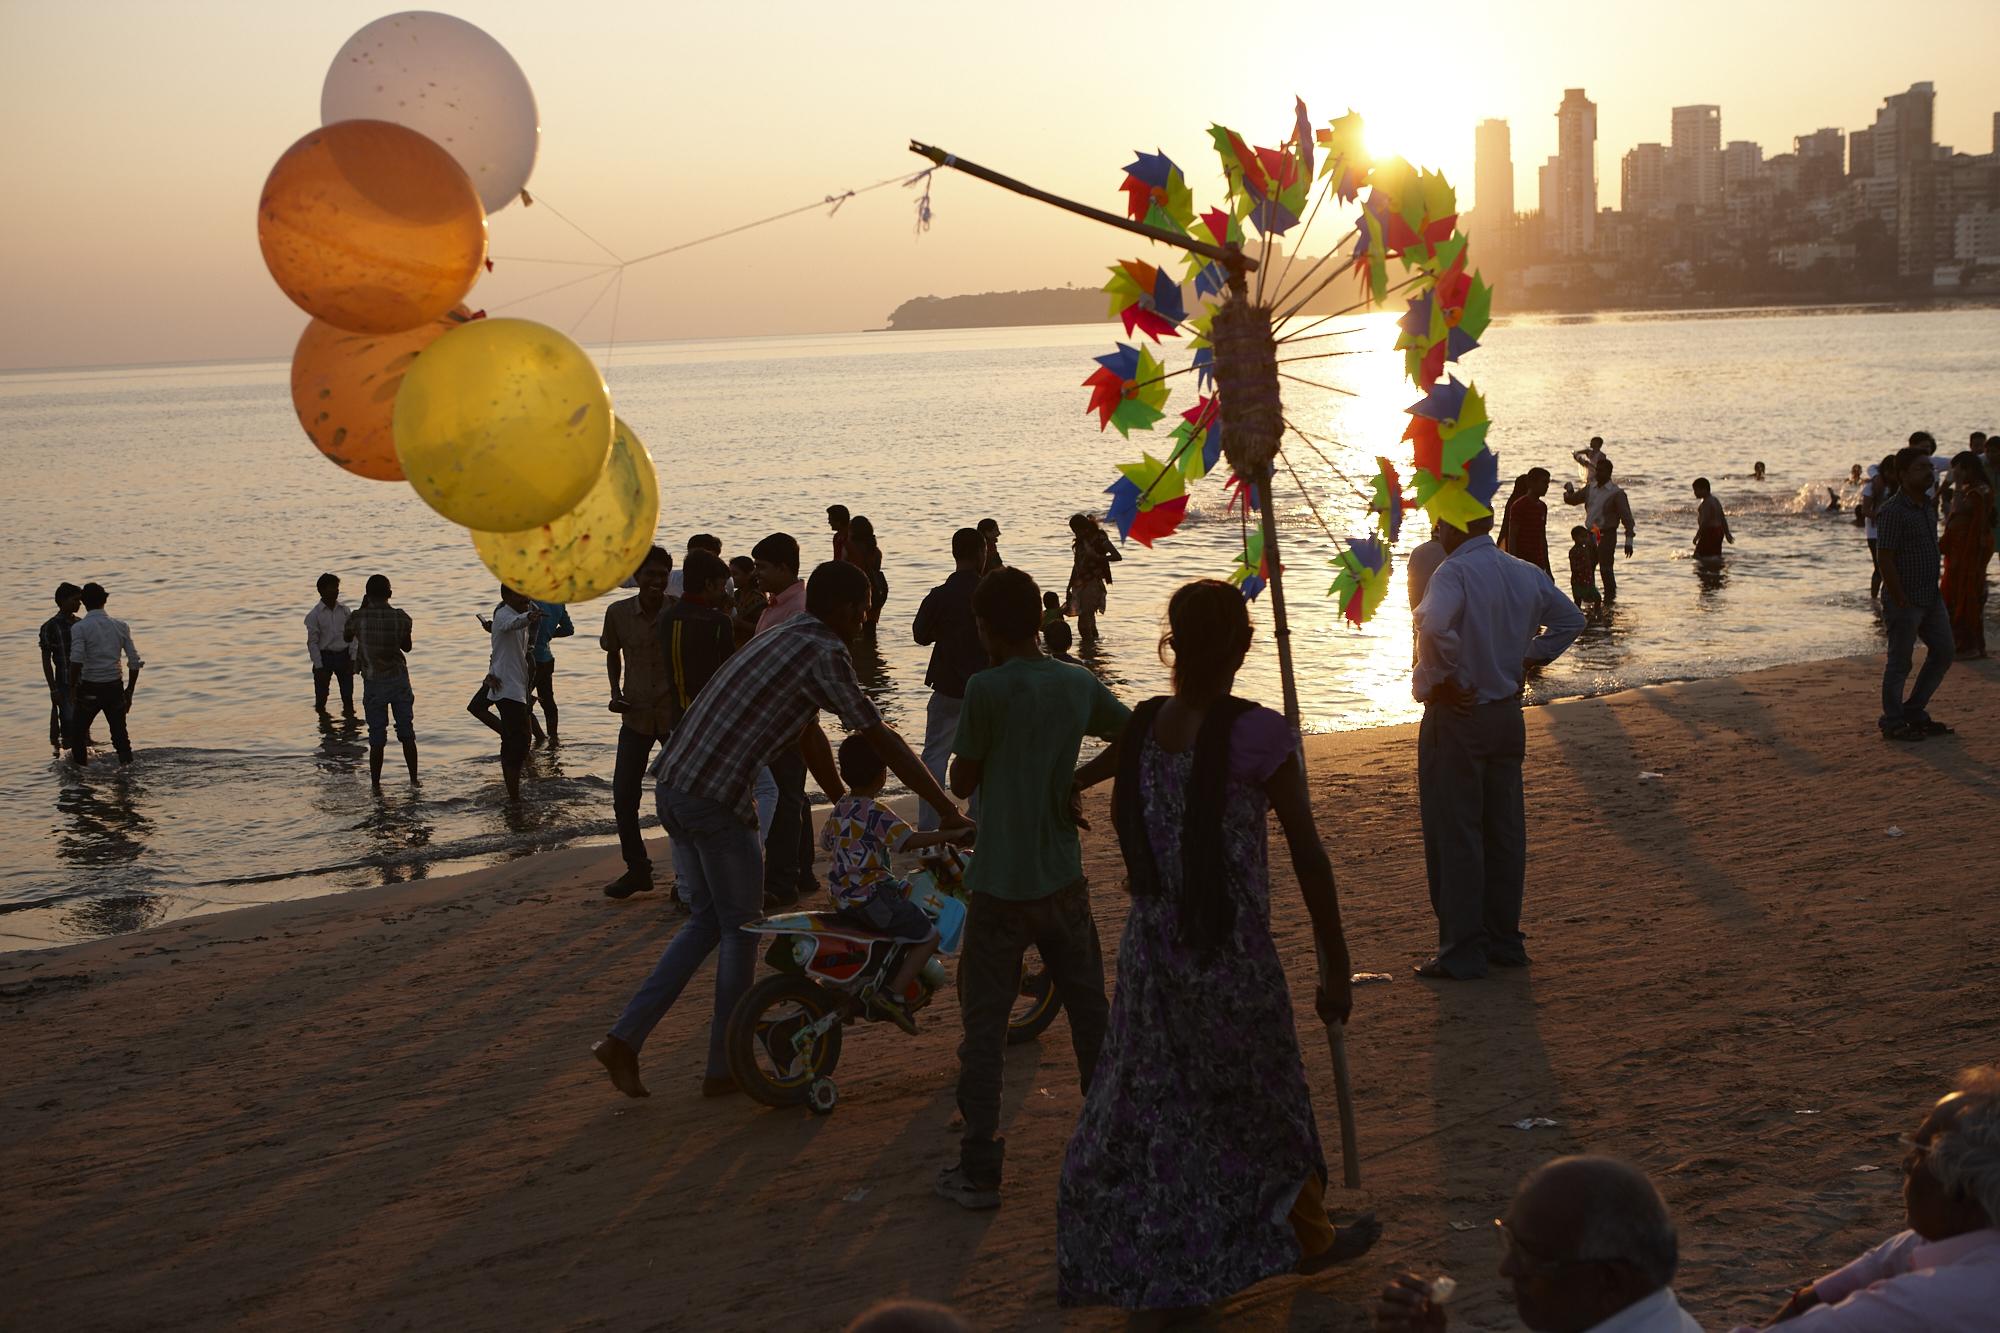 Mumbai_India 2013_090.jpg